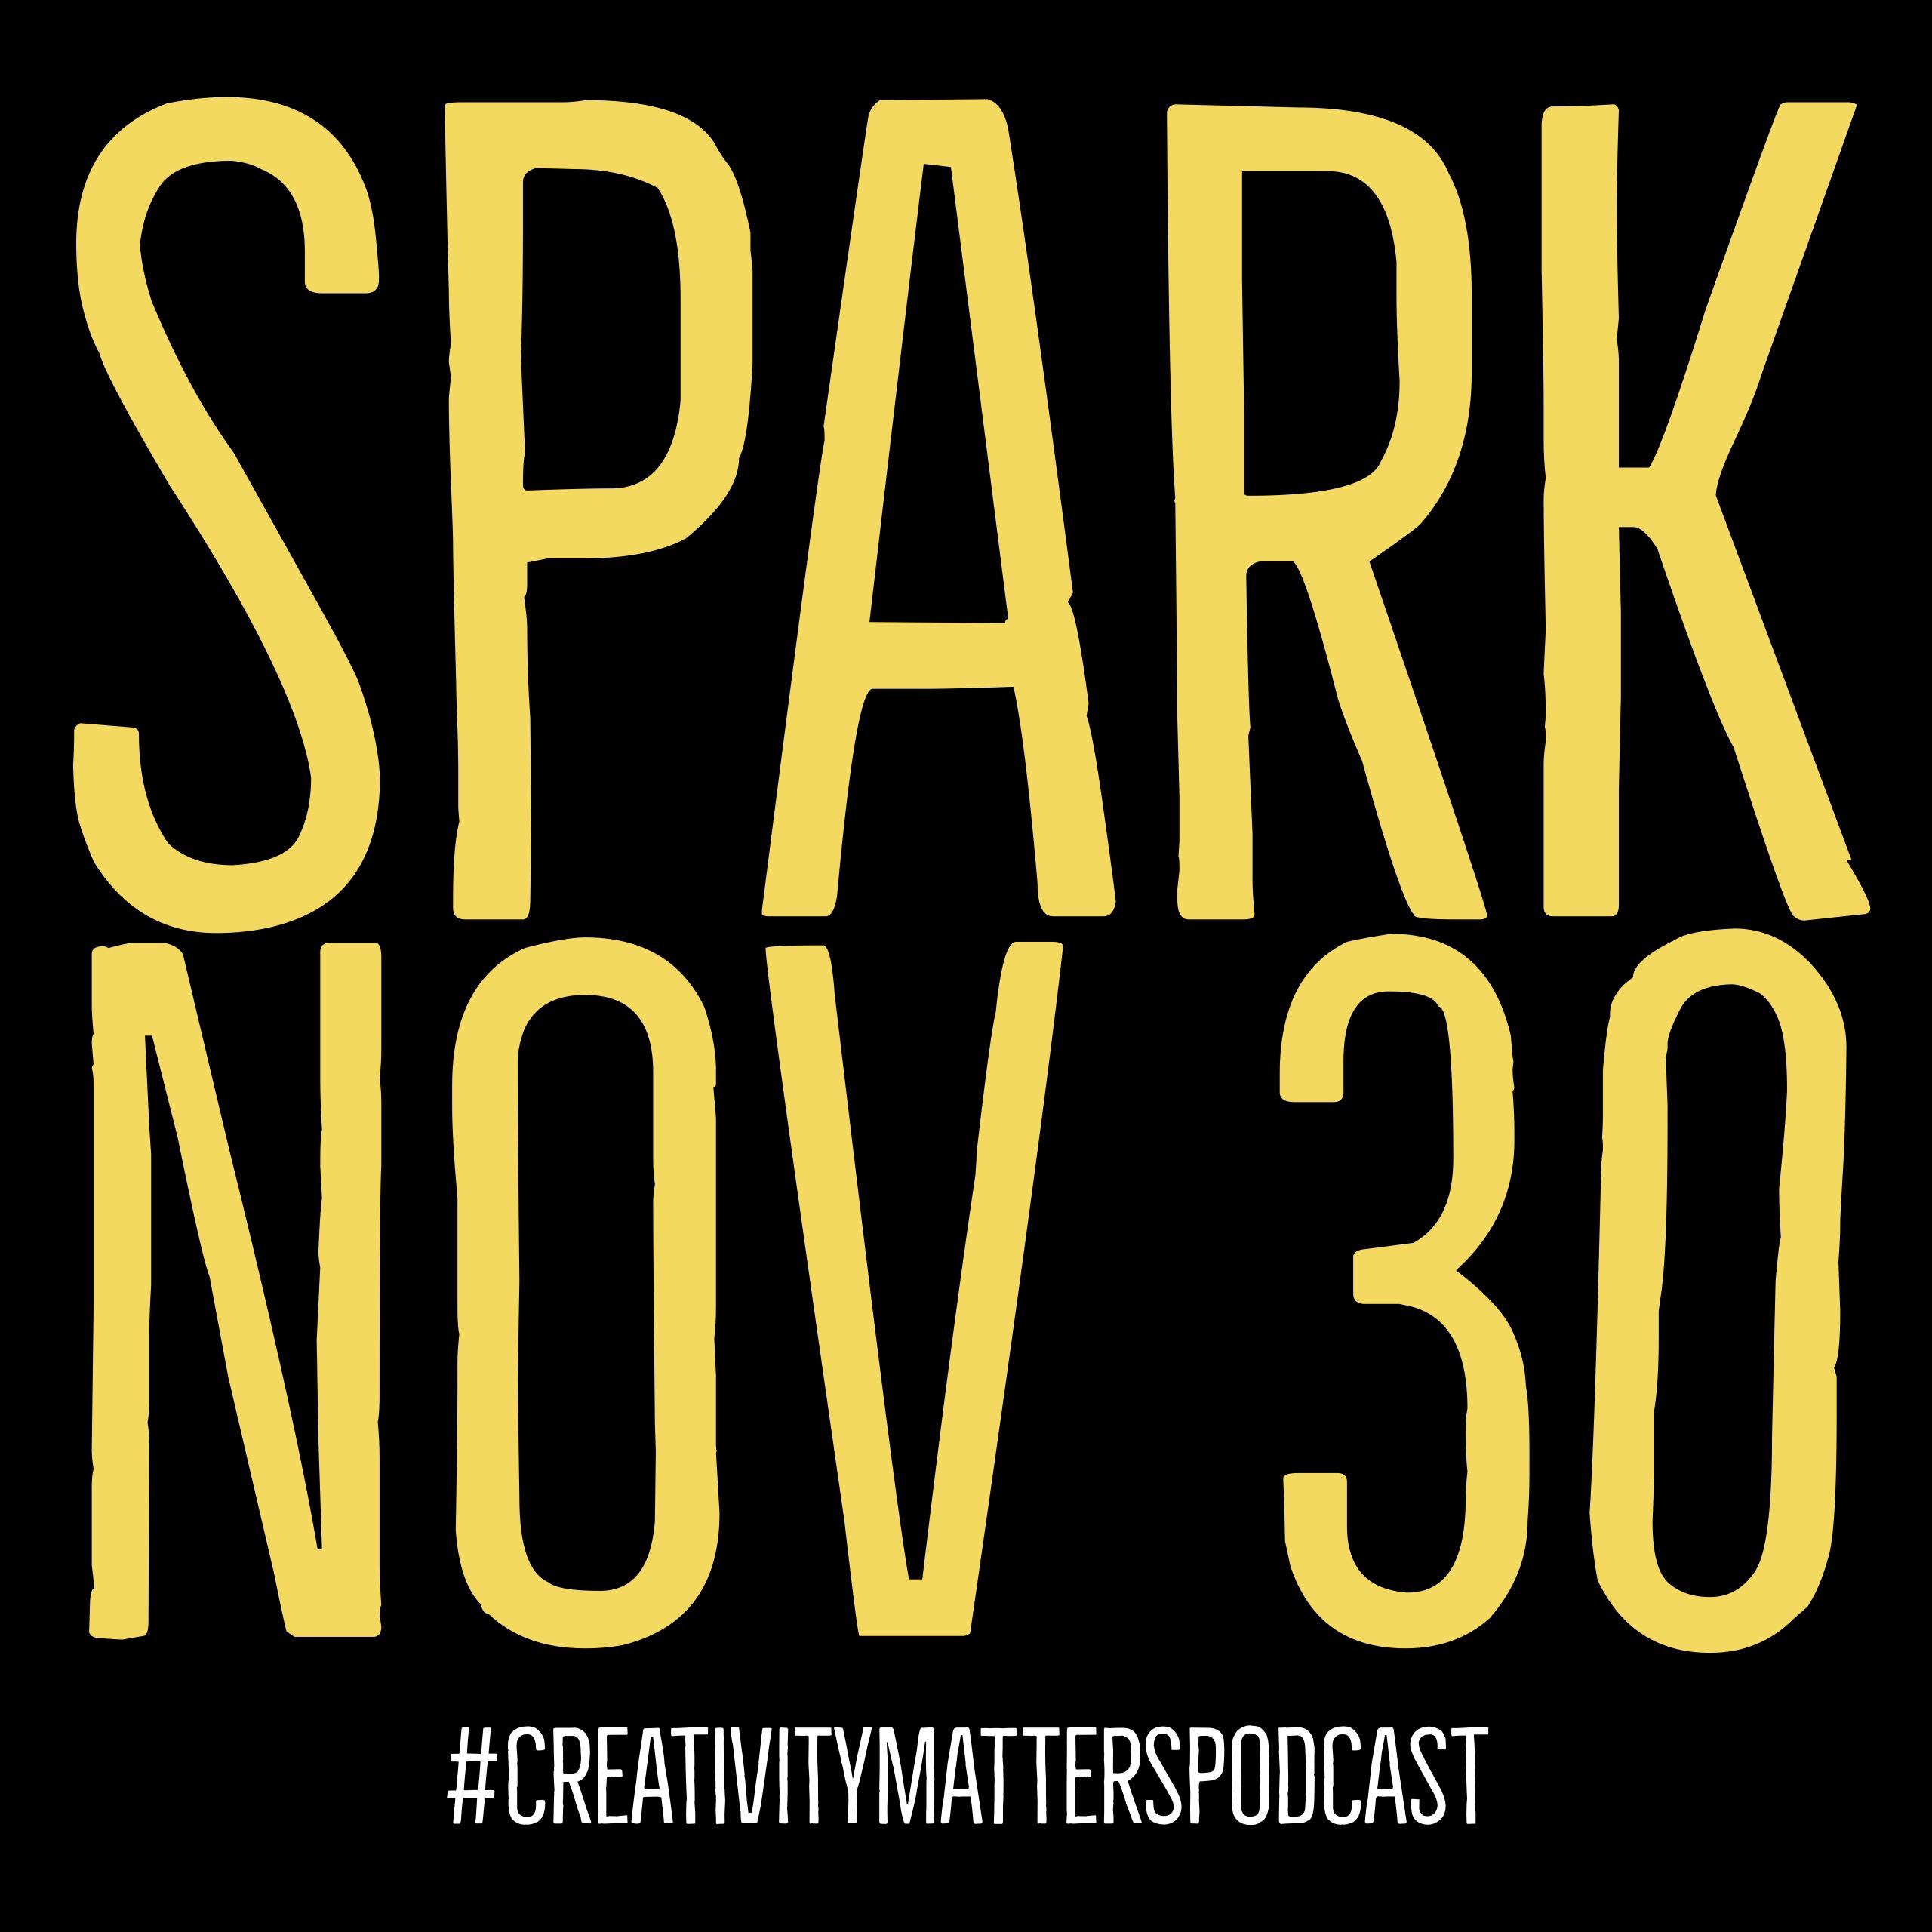 Spark Nov 30